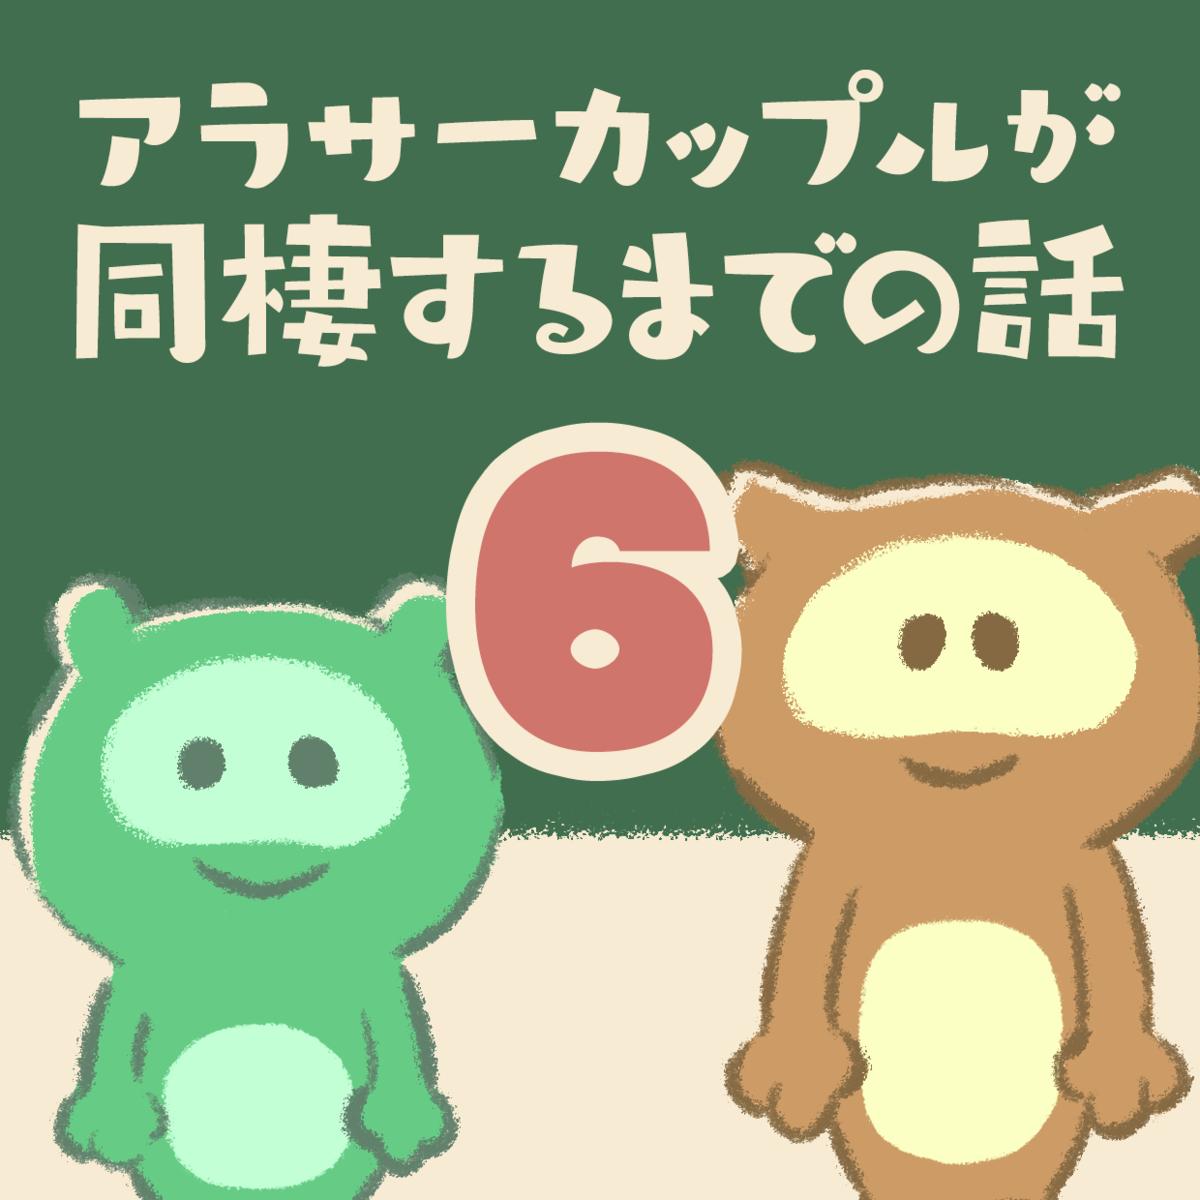 アラサーカップルのエッセイ漫画【同棲するまでの話6】